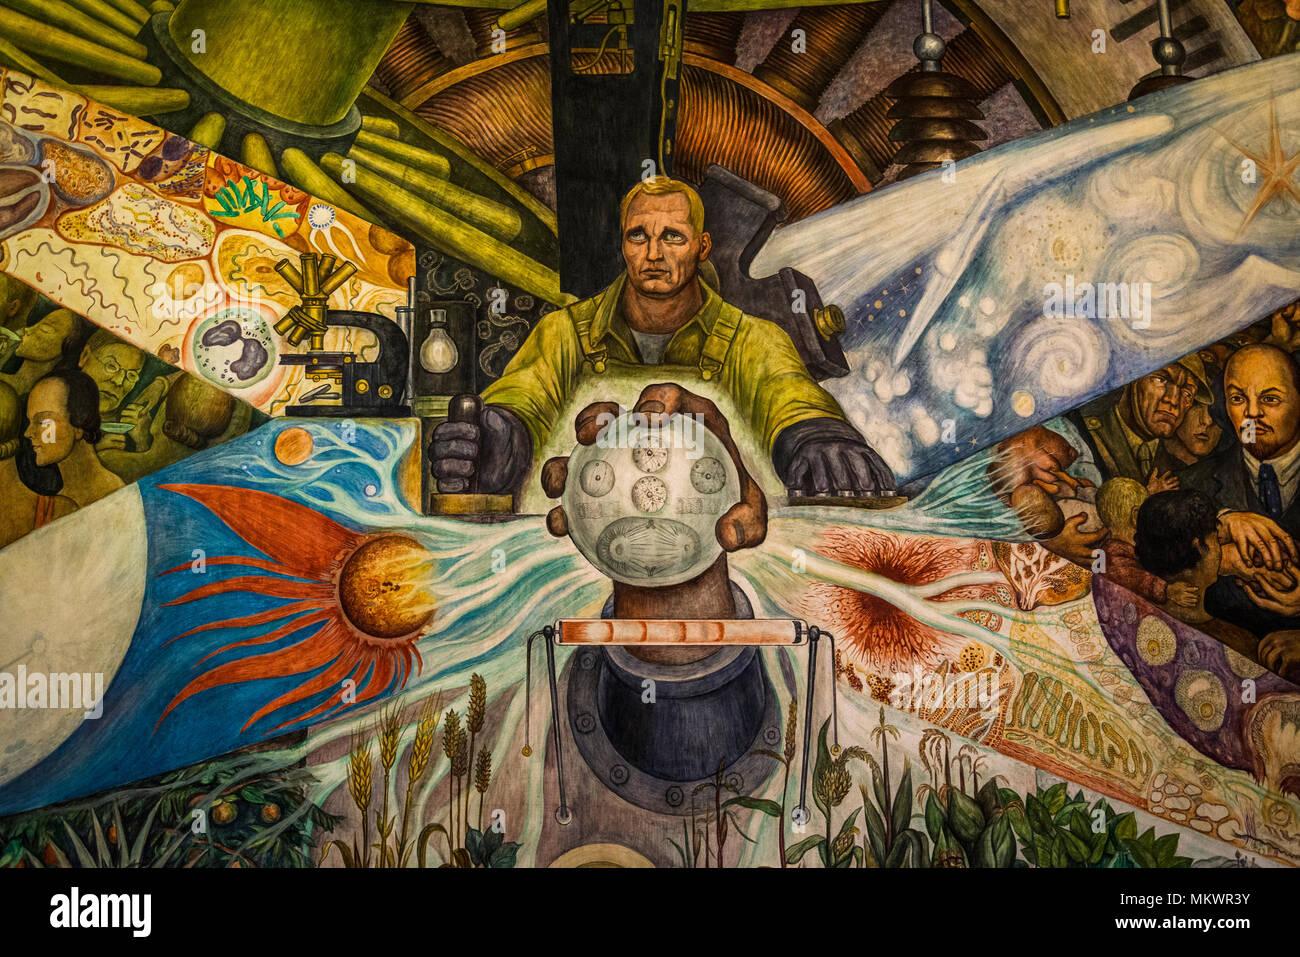 Mural De Diego Rivera El Hombre En La Encrucijada O Man